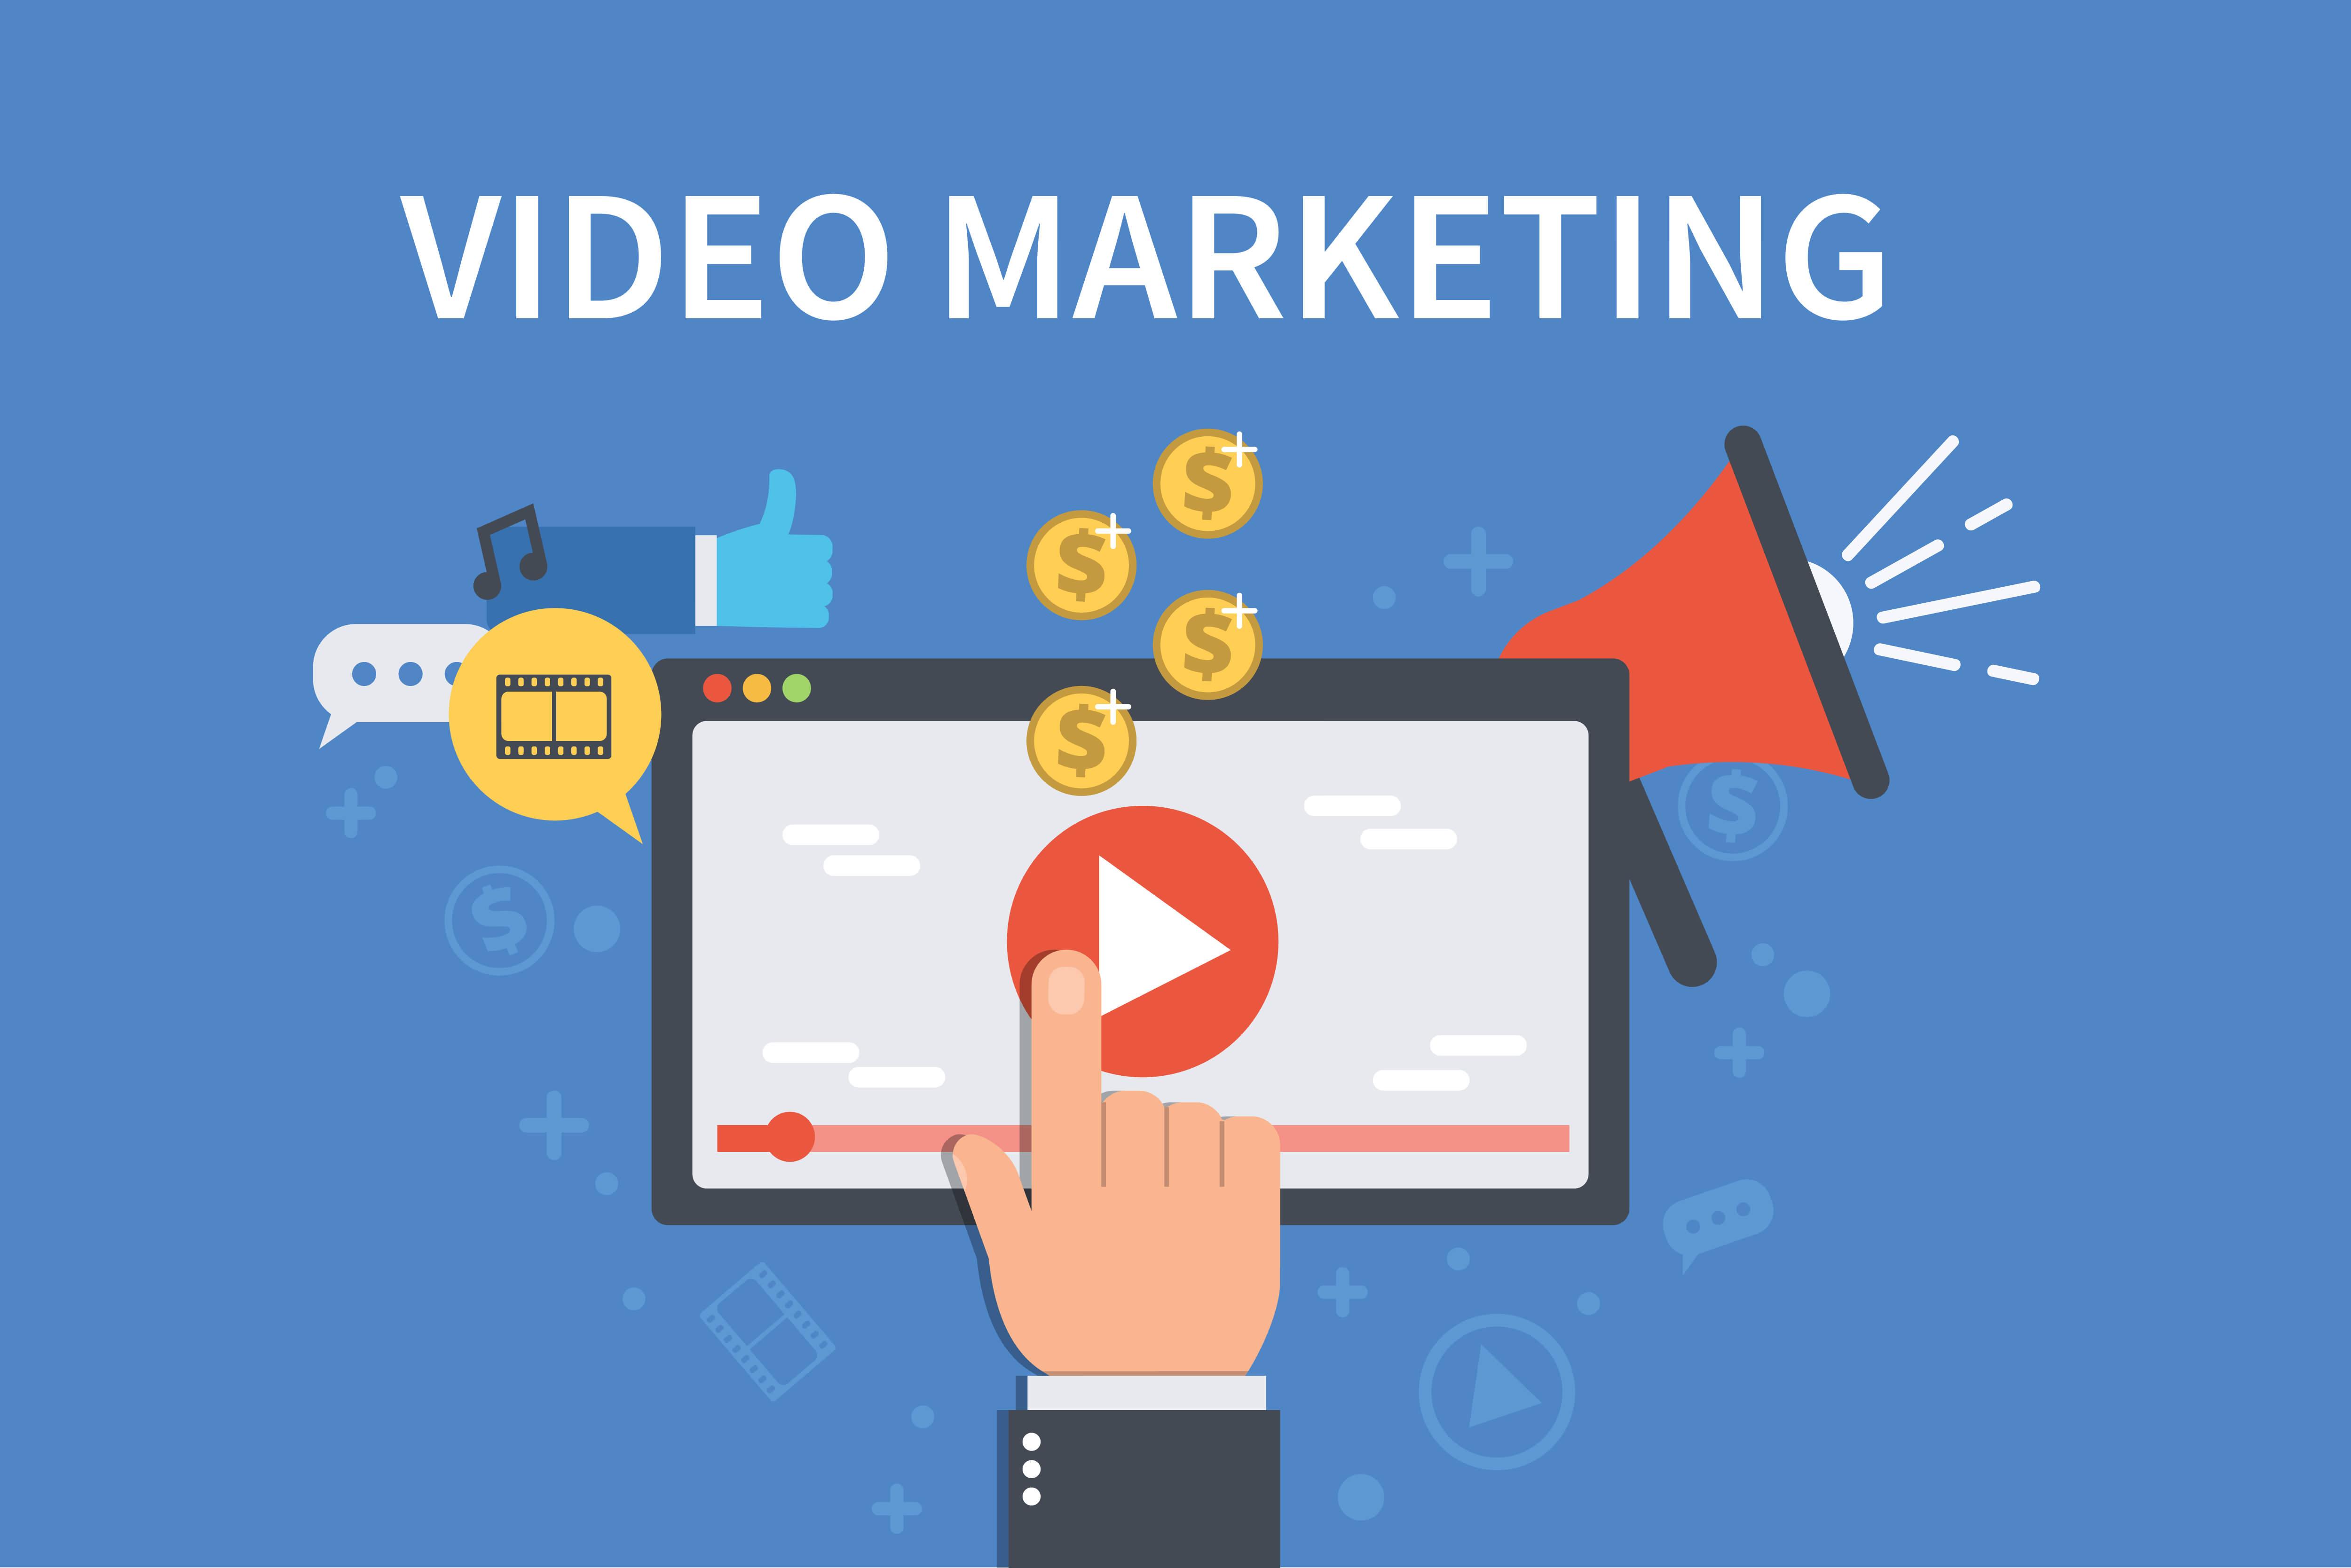 モバイル動画広告における主なフォーマットの種類